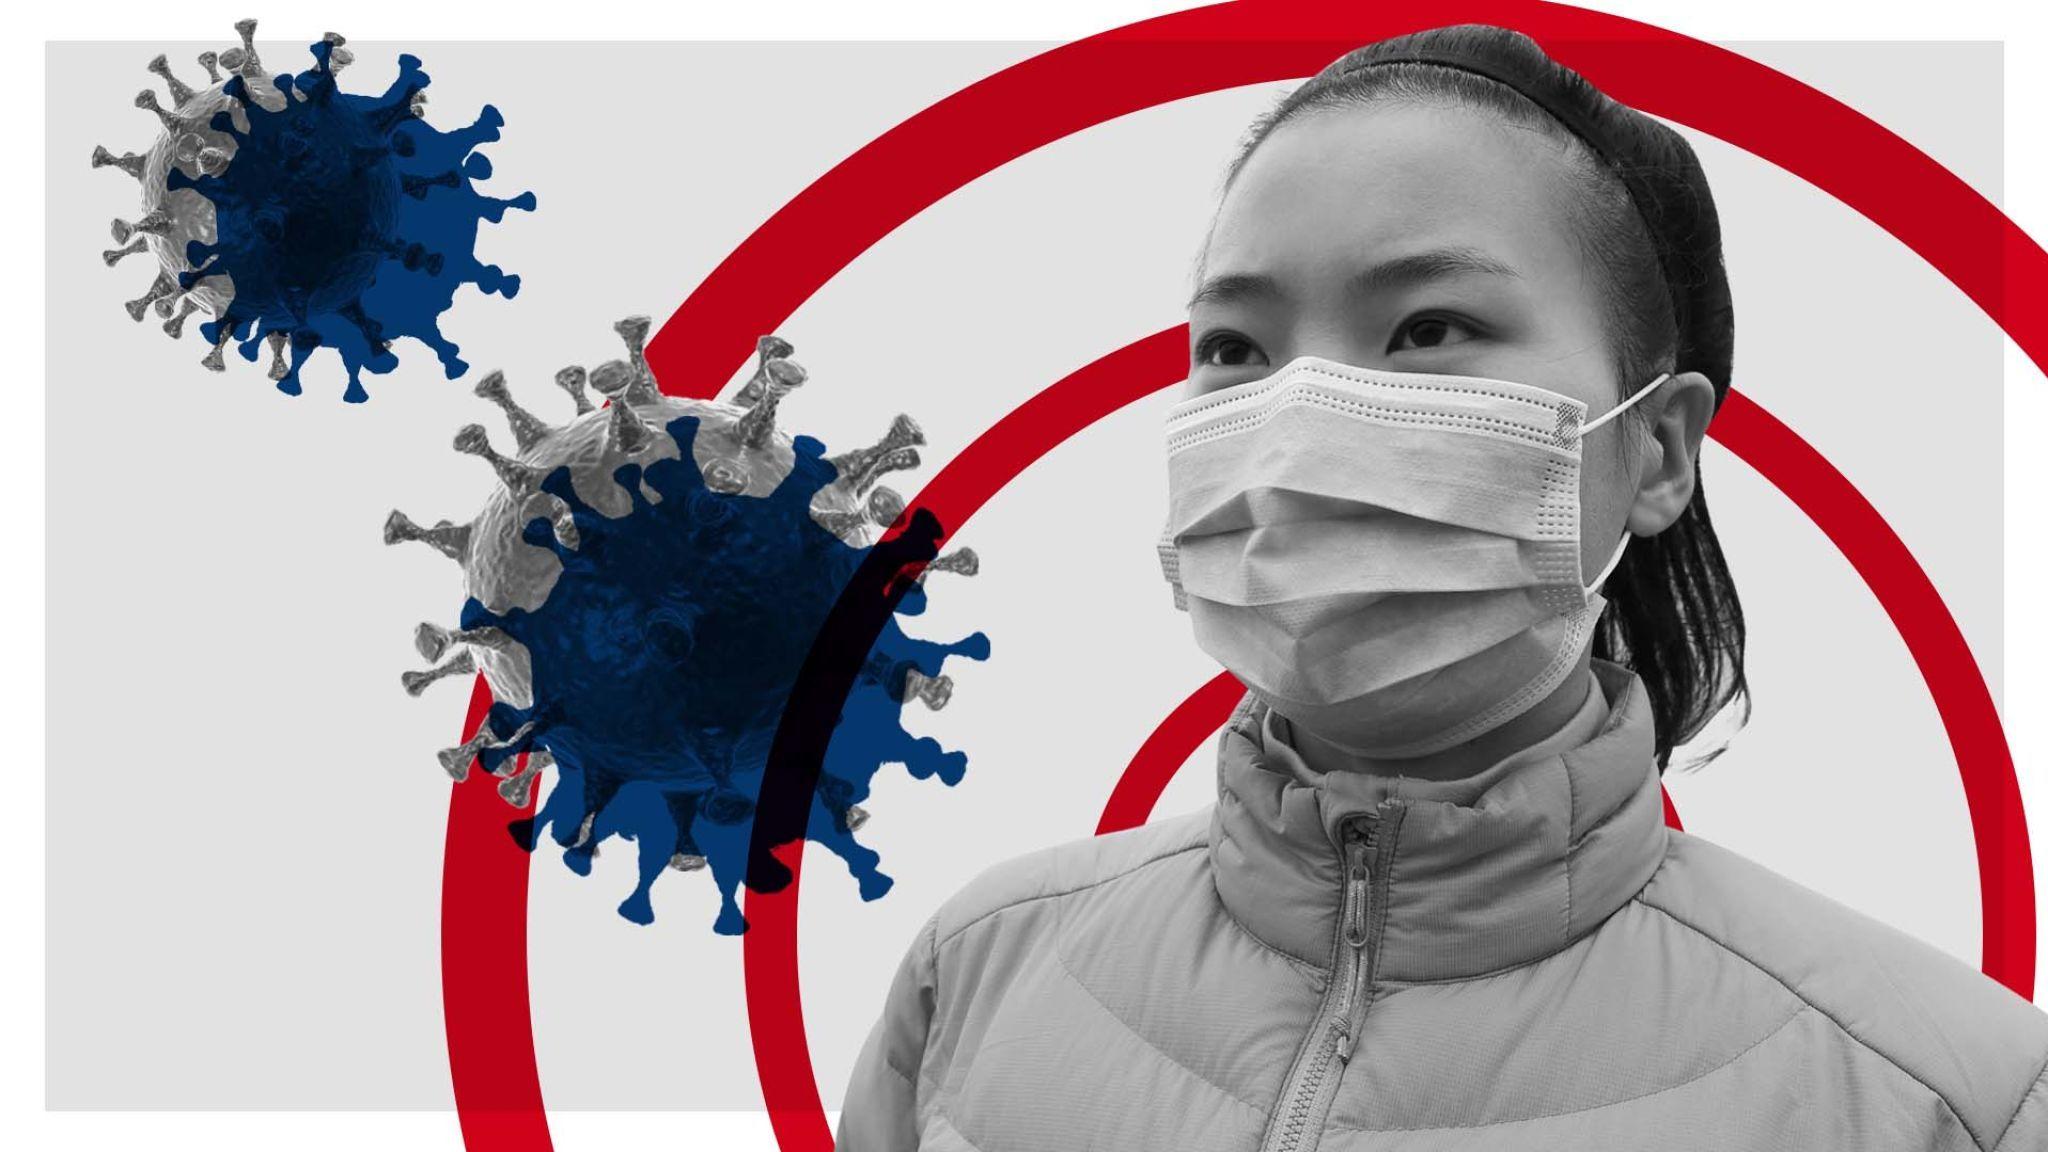 کرونا مهار نمیشود، بلکه از این پس جزء بیماریهای همیشگی فصل سرما خواهد بود